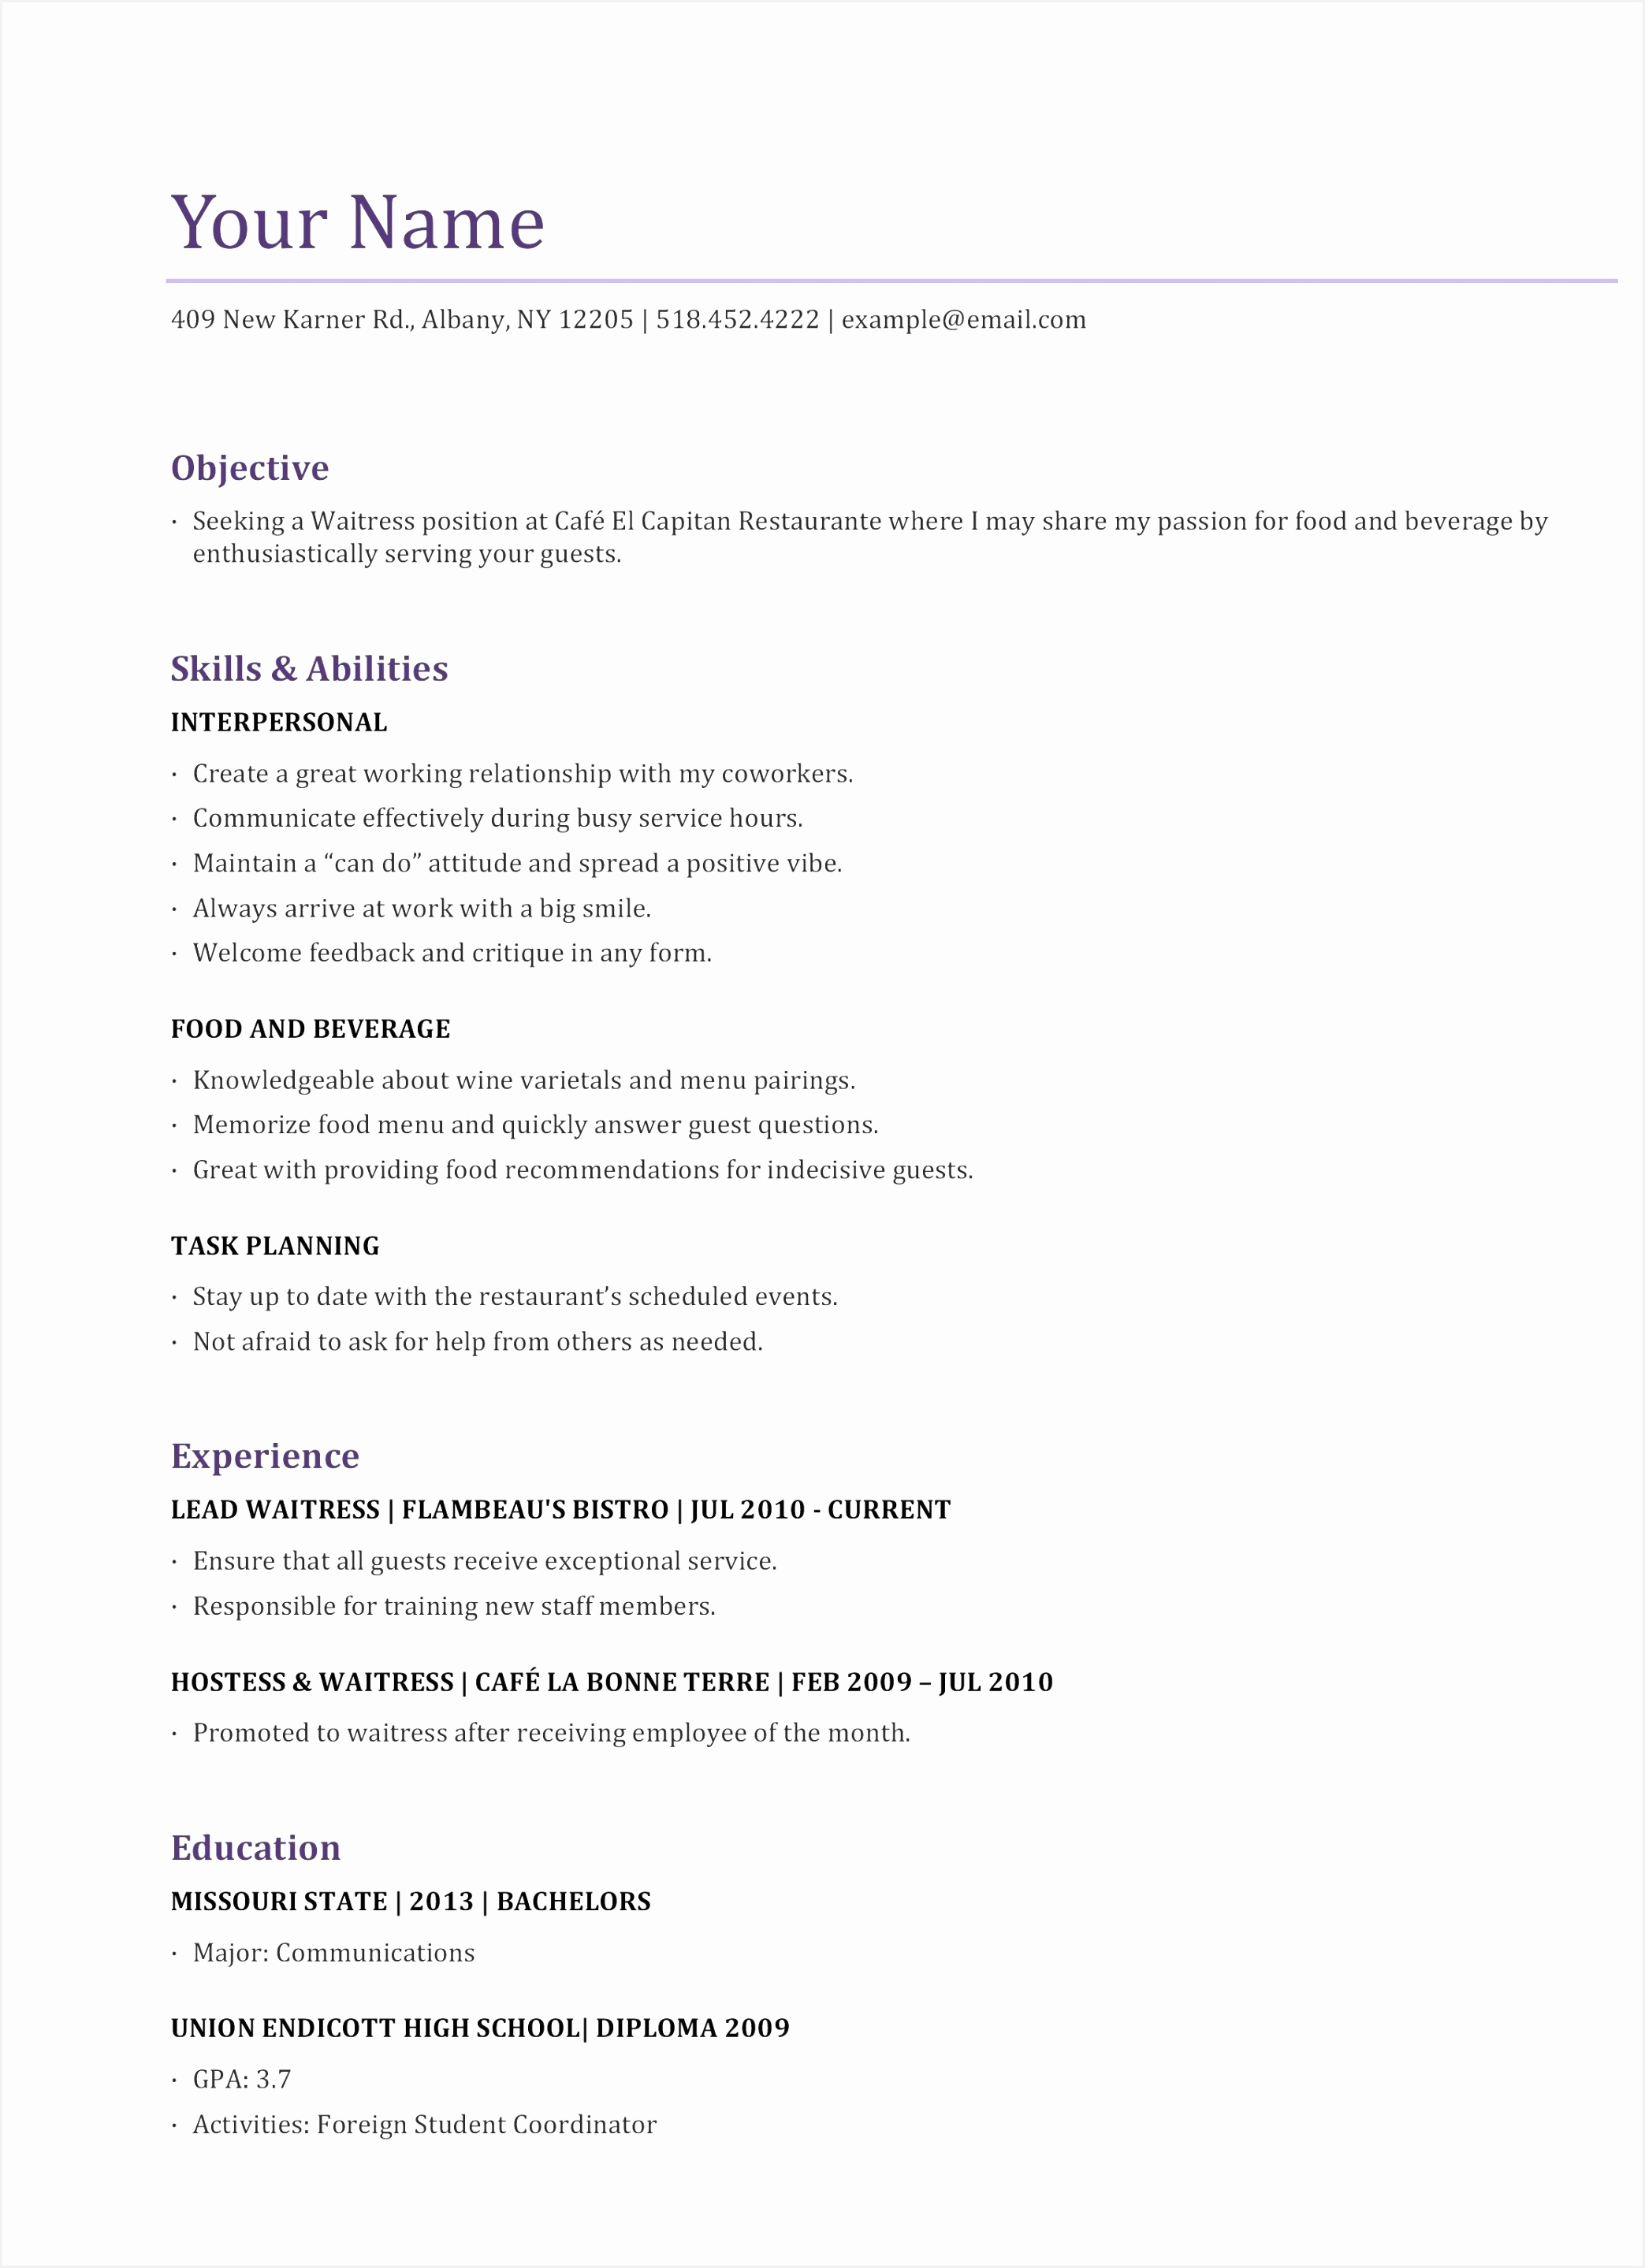 Medical assistant Resumes Best 20 Medical assistant Responsibilities Resume Medical assistant Resumes Best 287820877zbkr